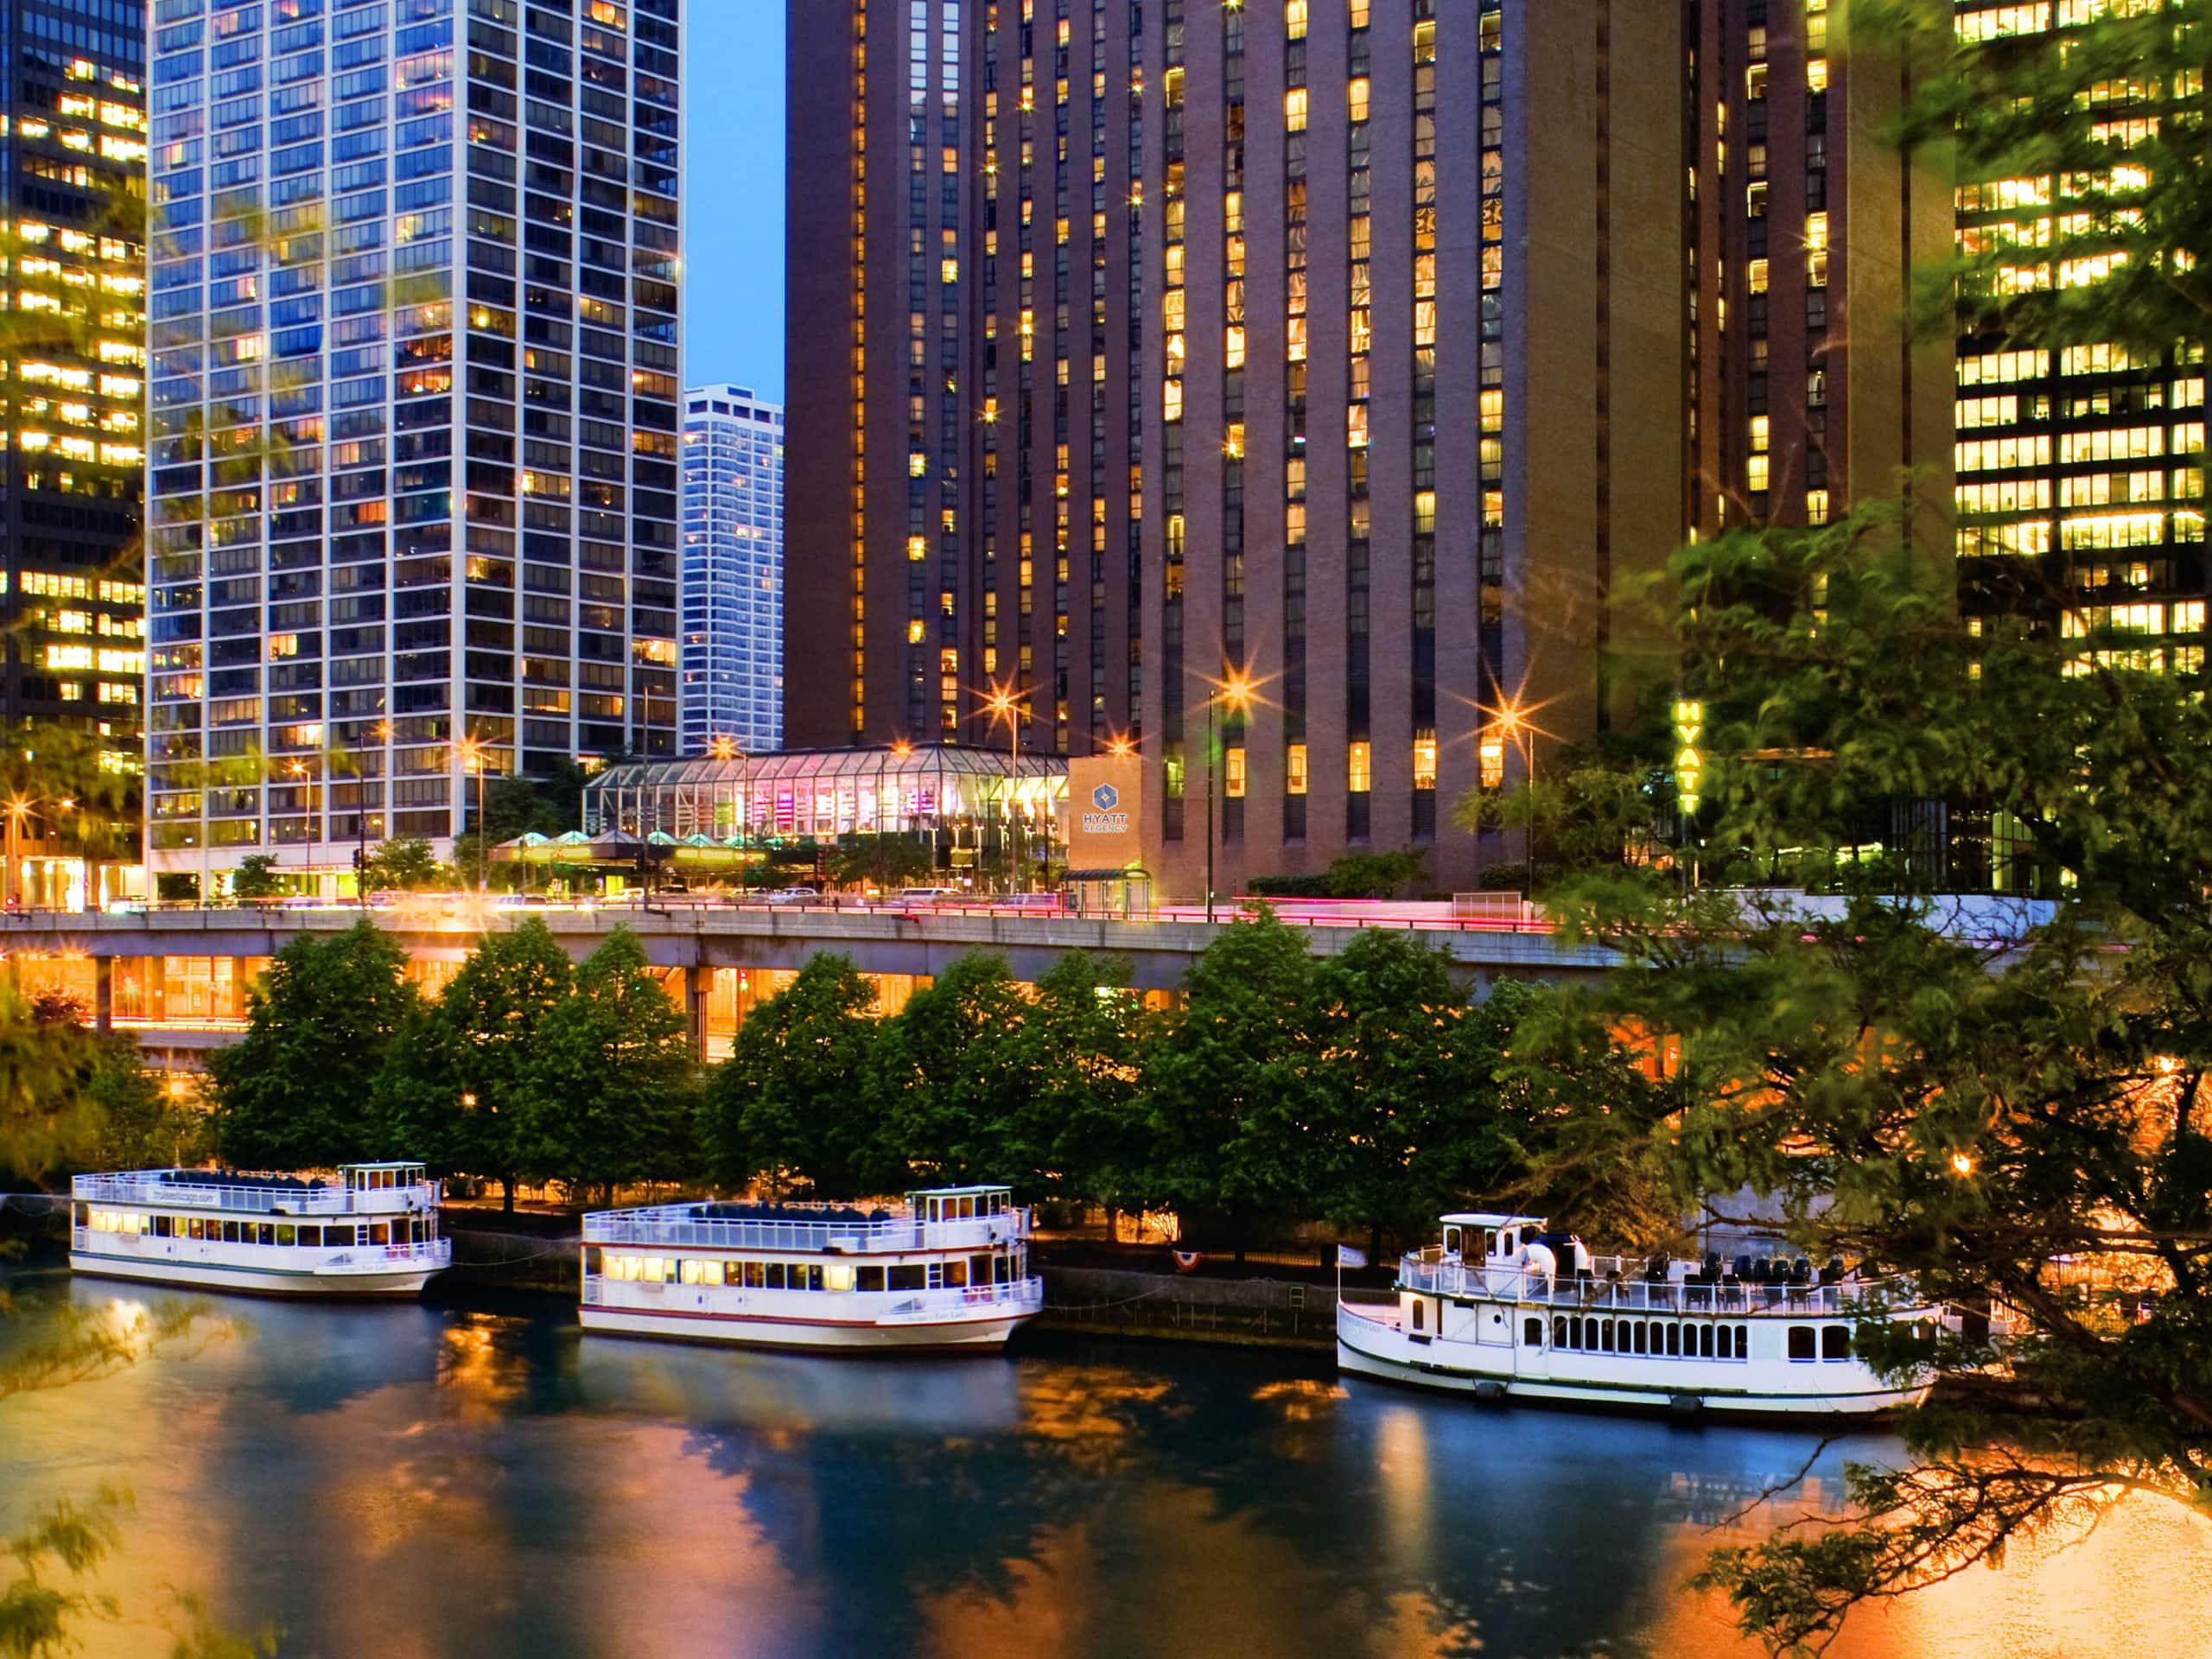 ネイビーピアに近いシカゴ中心街のホテル ハイアット リージェンシー